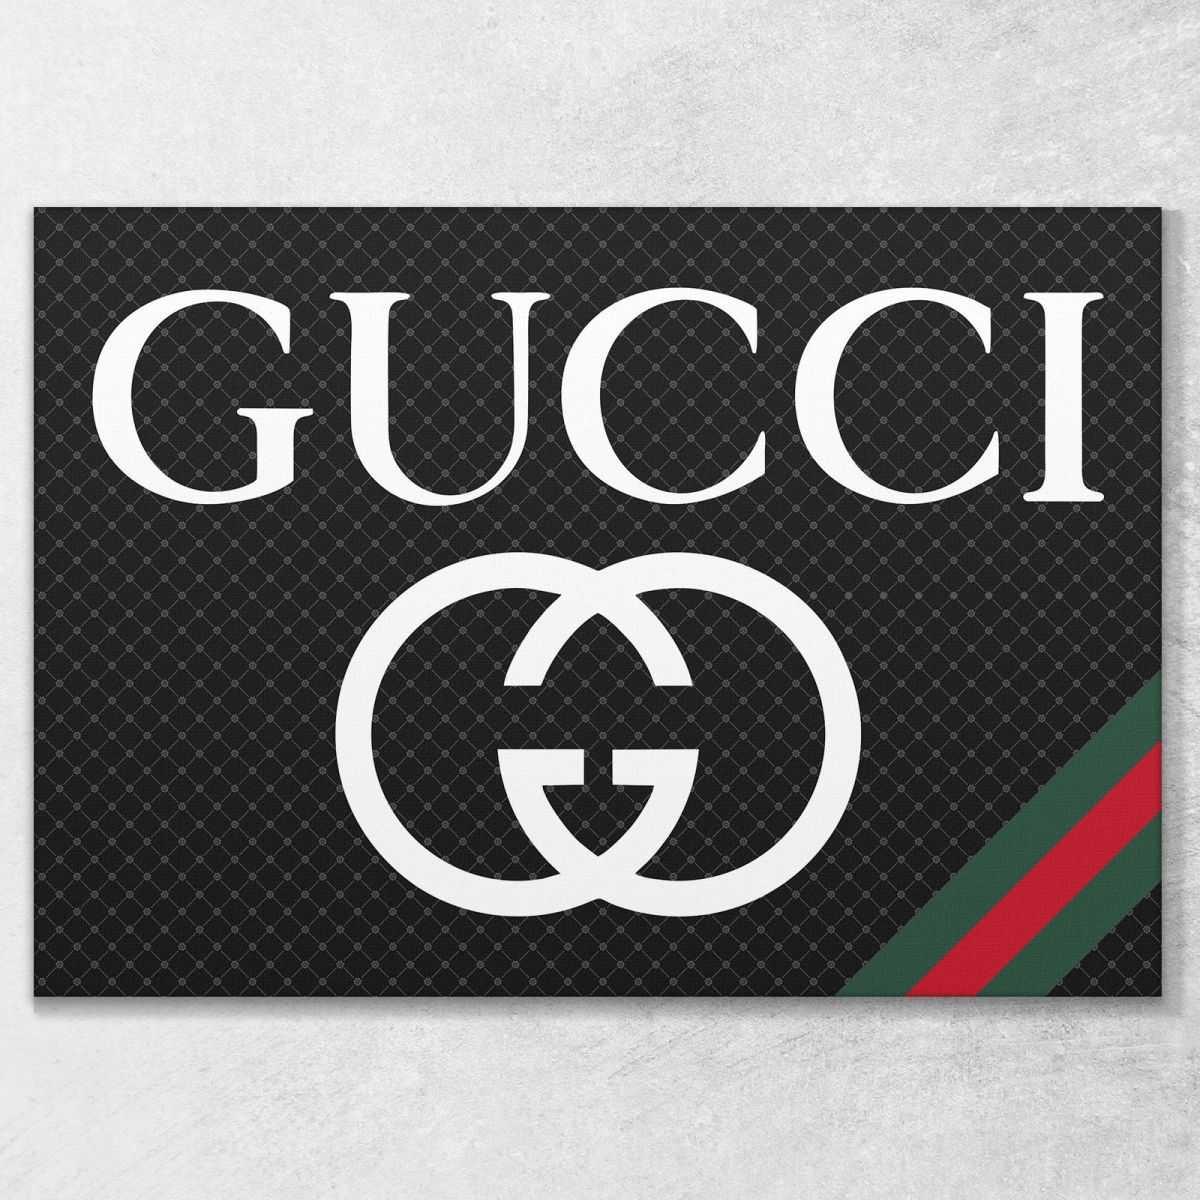 Quadro Gucci banda nera e rossa stampa su tela guo6